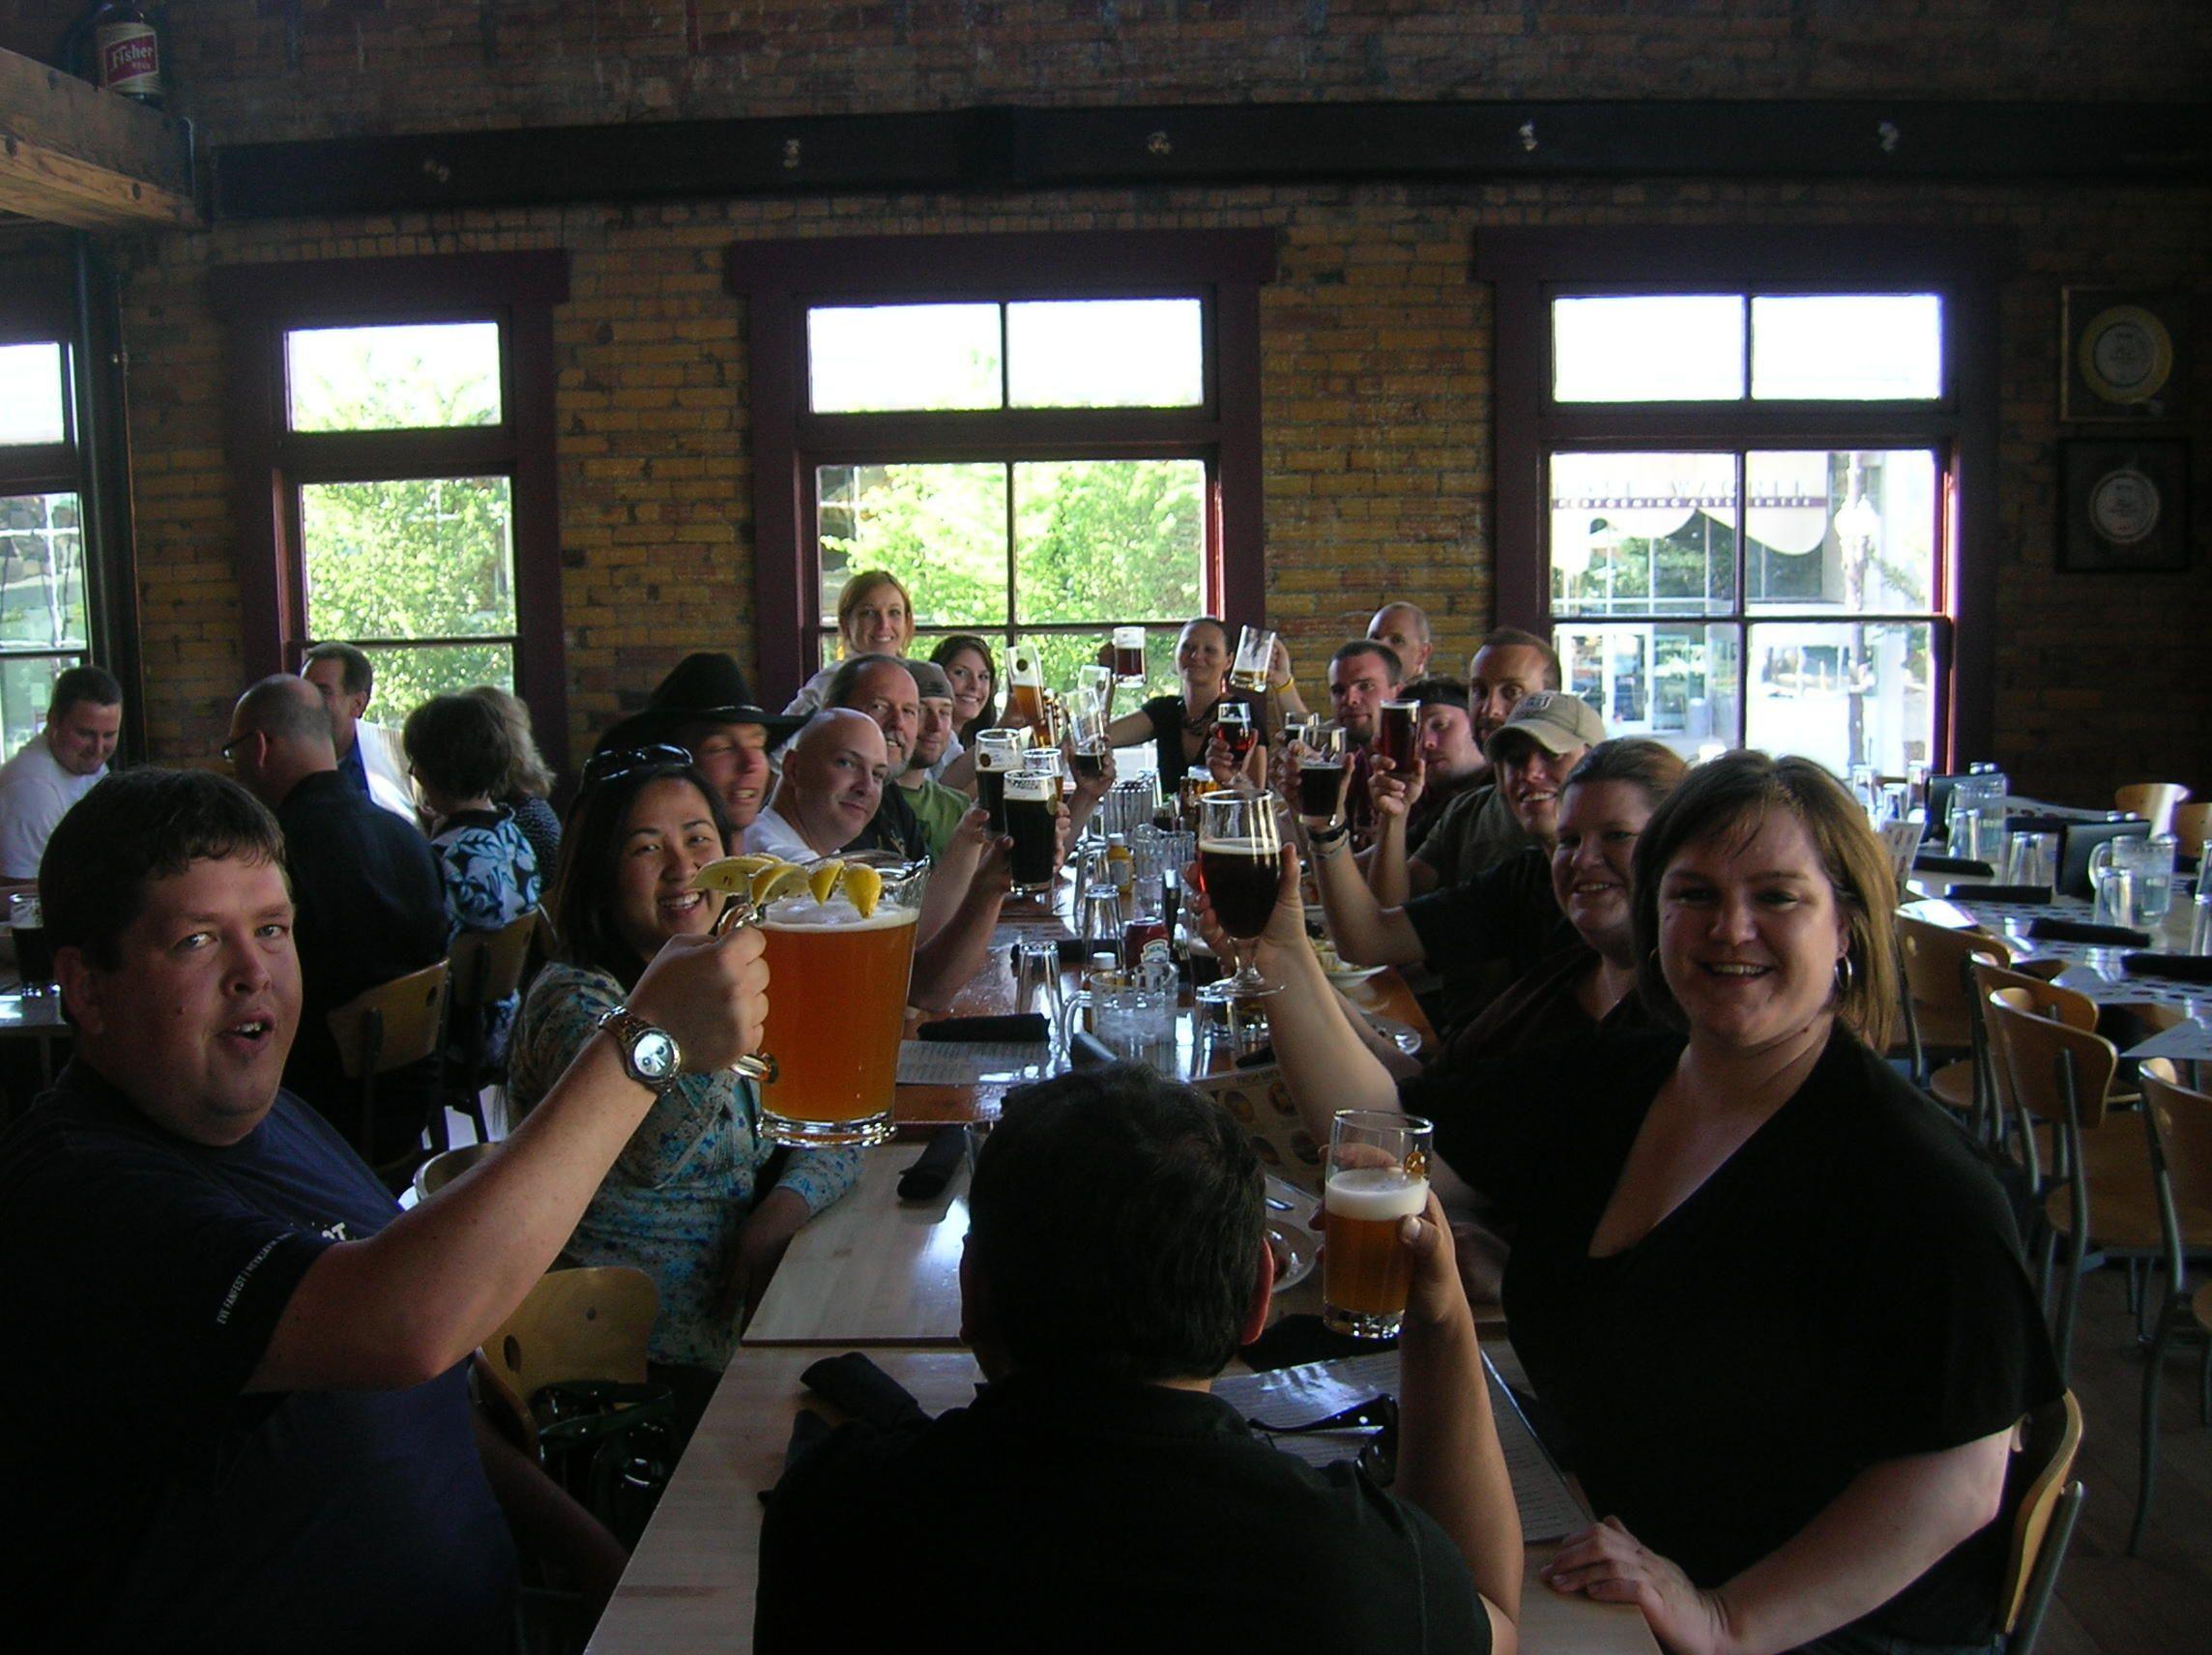 Salt Lake City Beer Drinkers